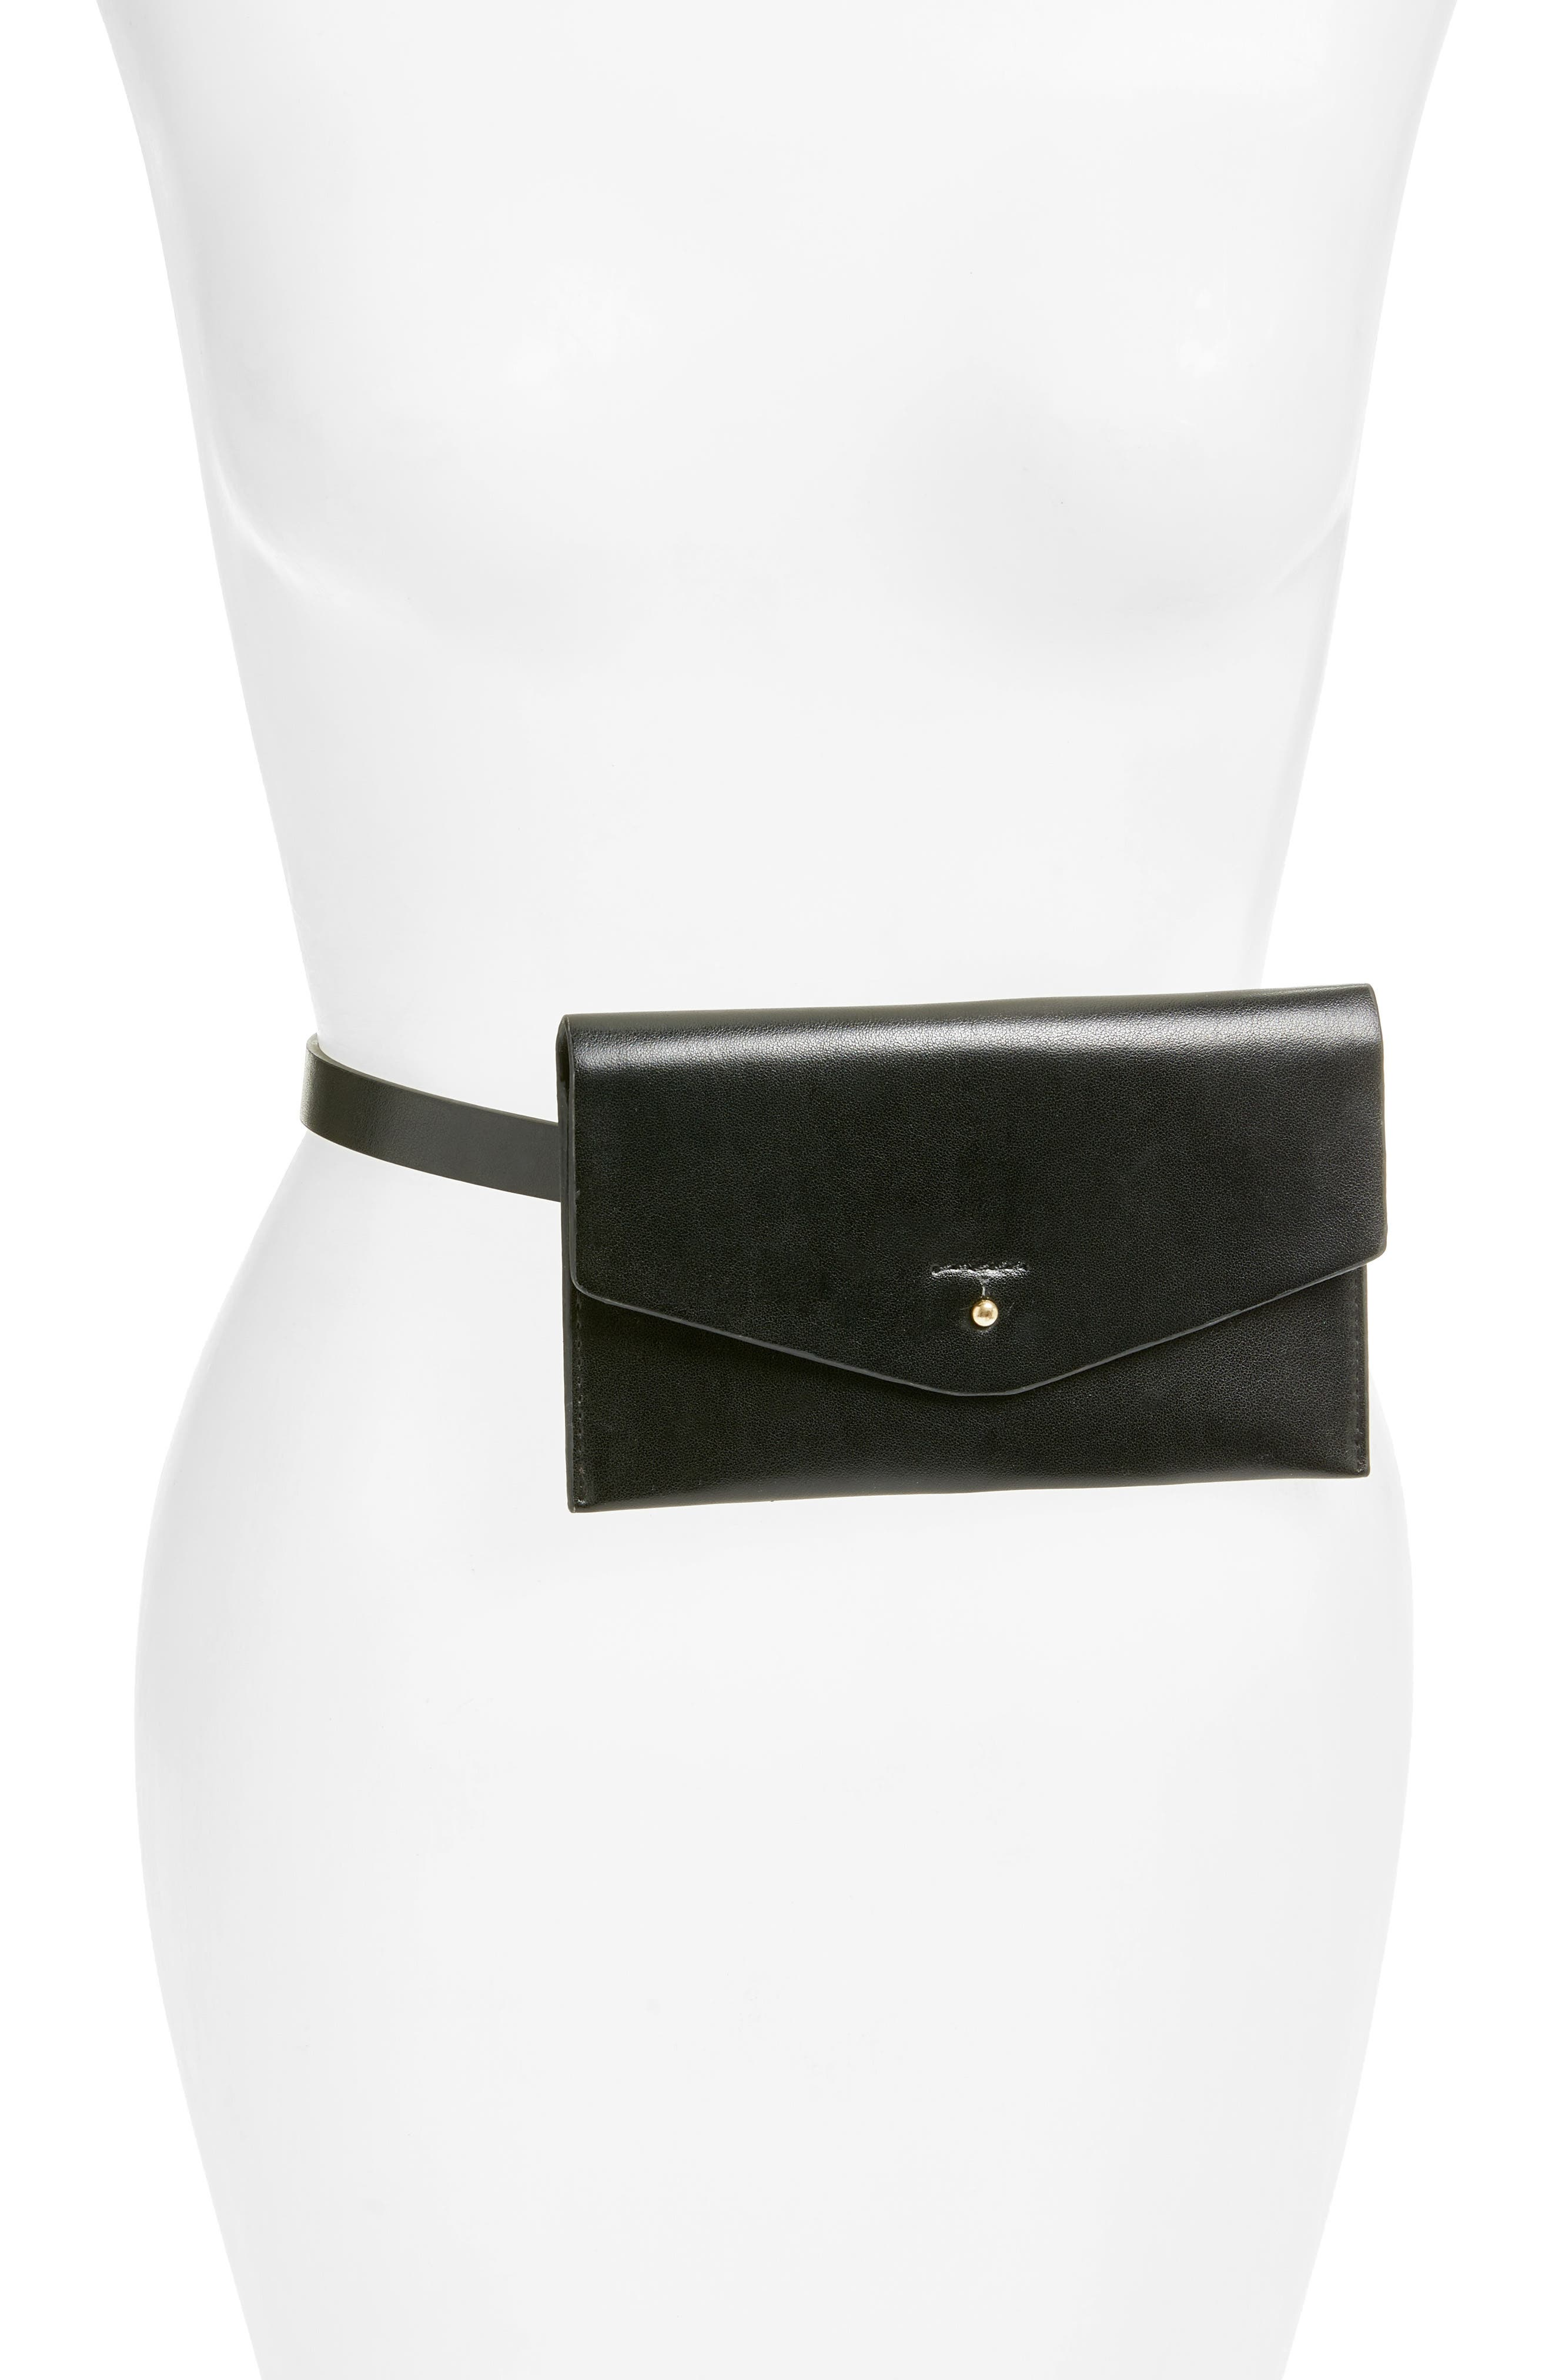 LODIS Faux Leather Belt Bag,                             Main thumbnail 1, color,                             Black